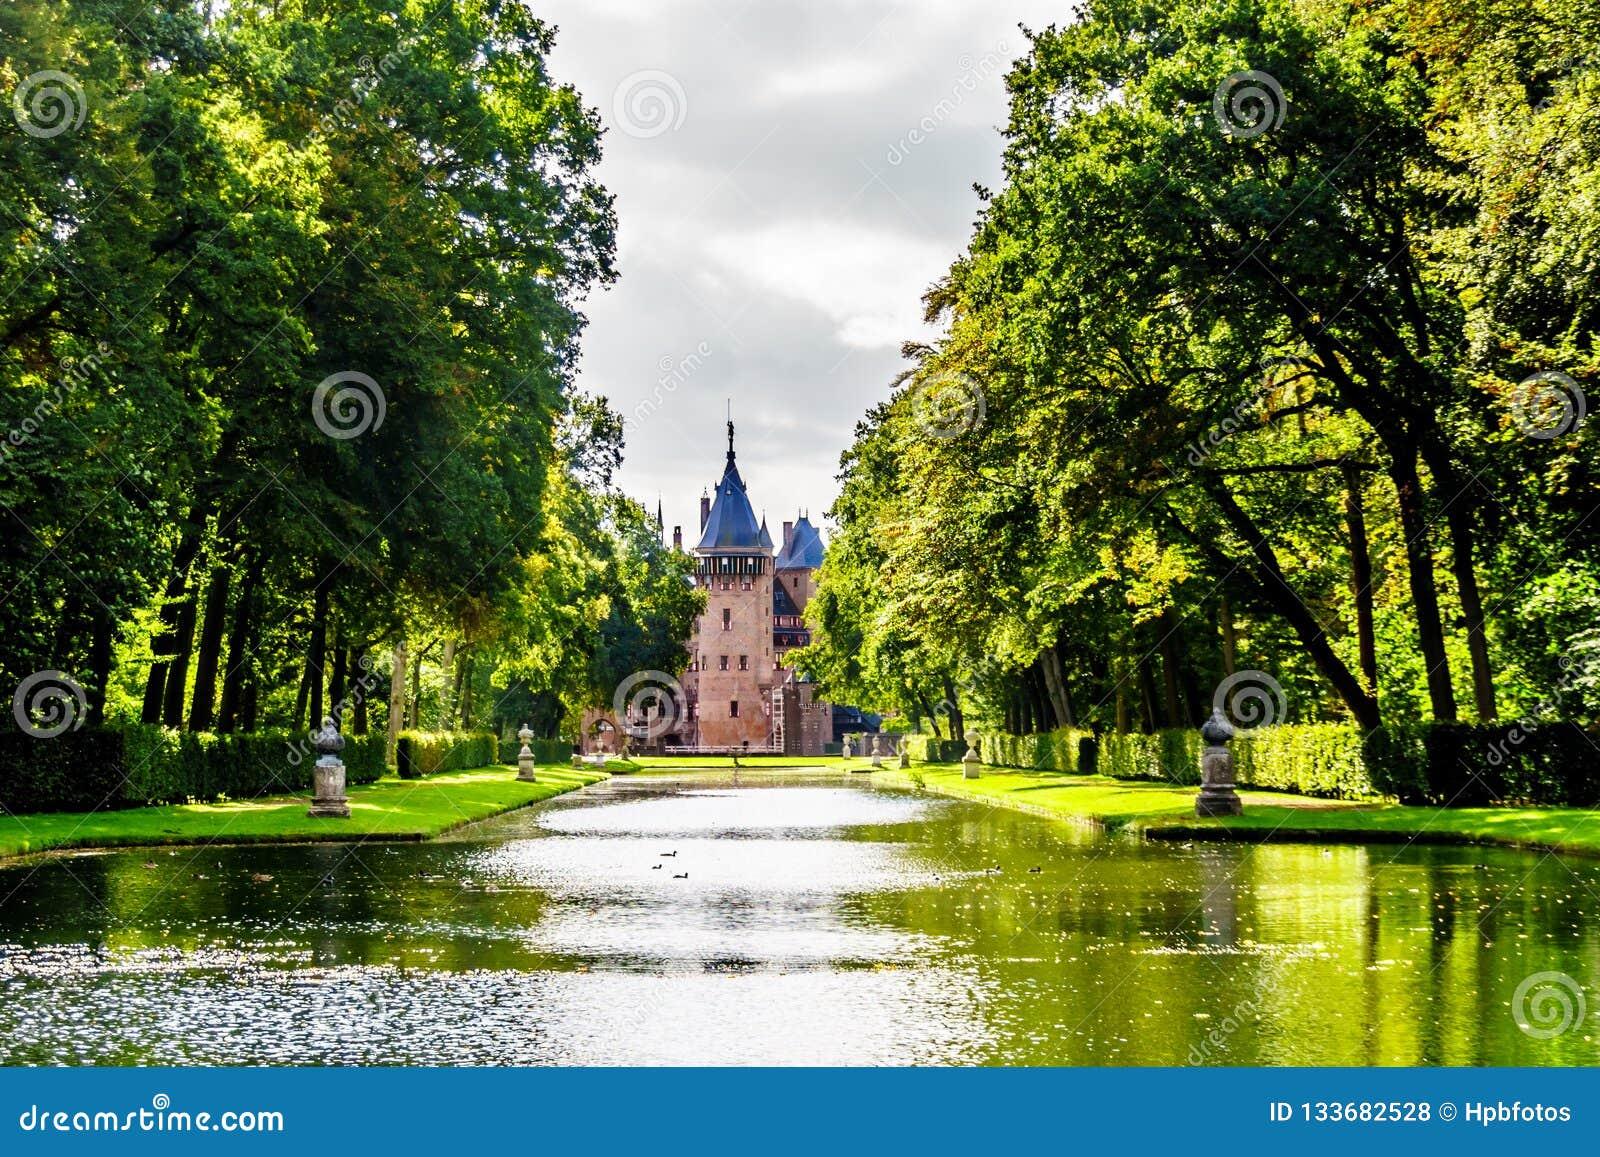 Étangs et lacs en parcs entourant Castle De Haar